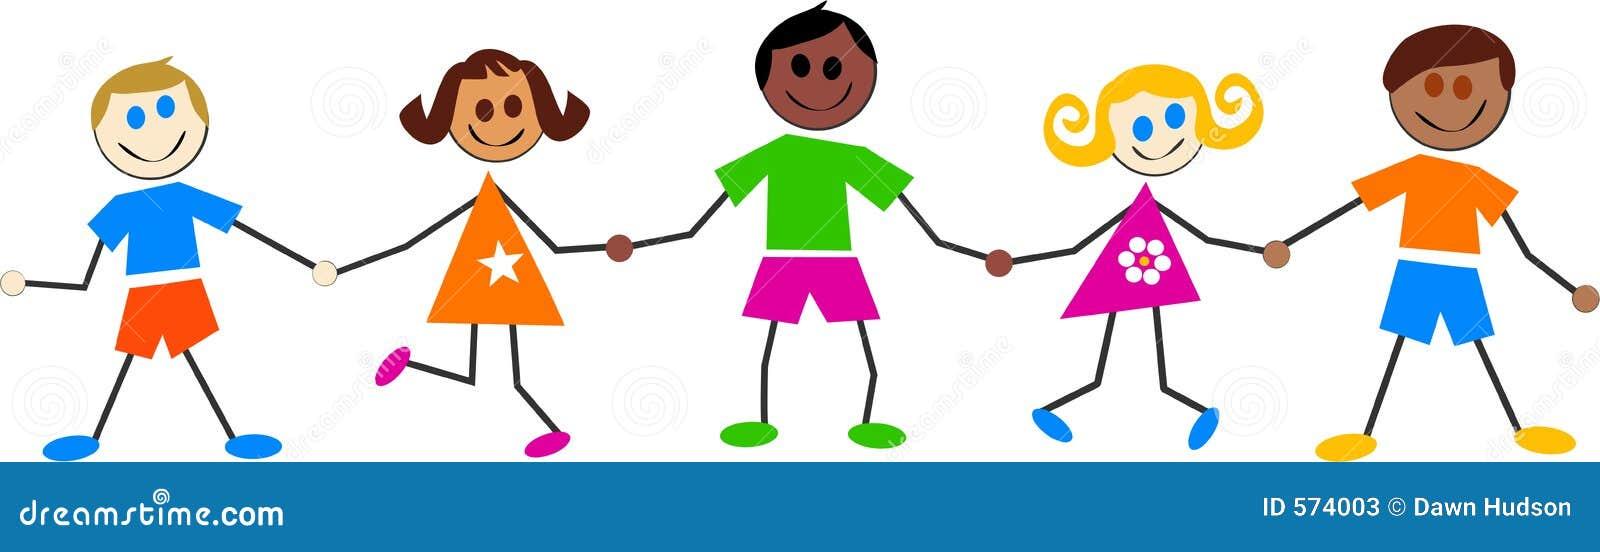 Ausgezeichnet Bunte Bilder Für Kinder Galerie - Ideen färben ...